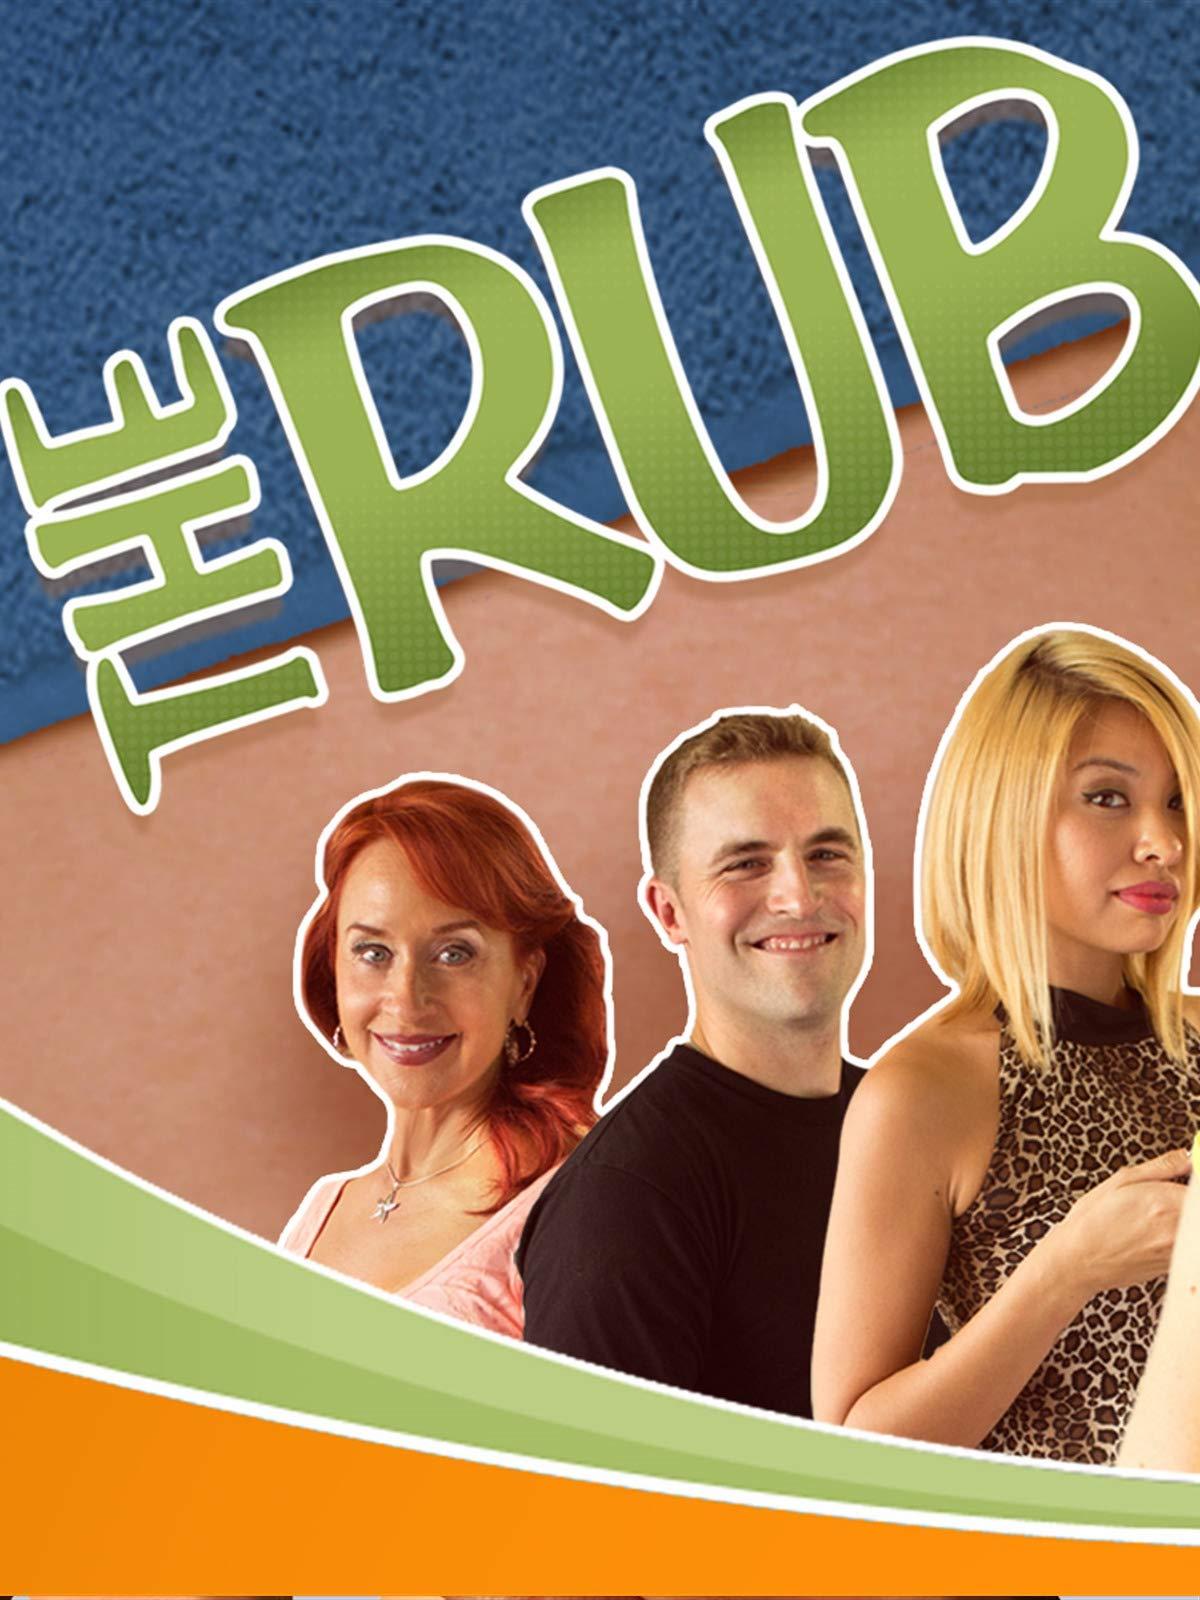 Clip: The Rub